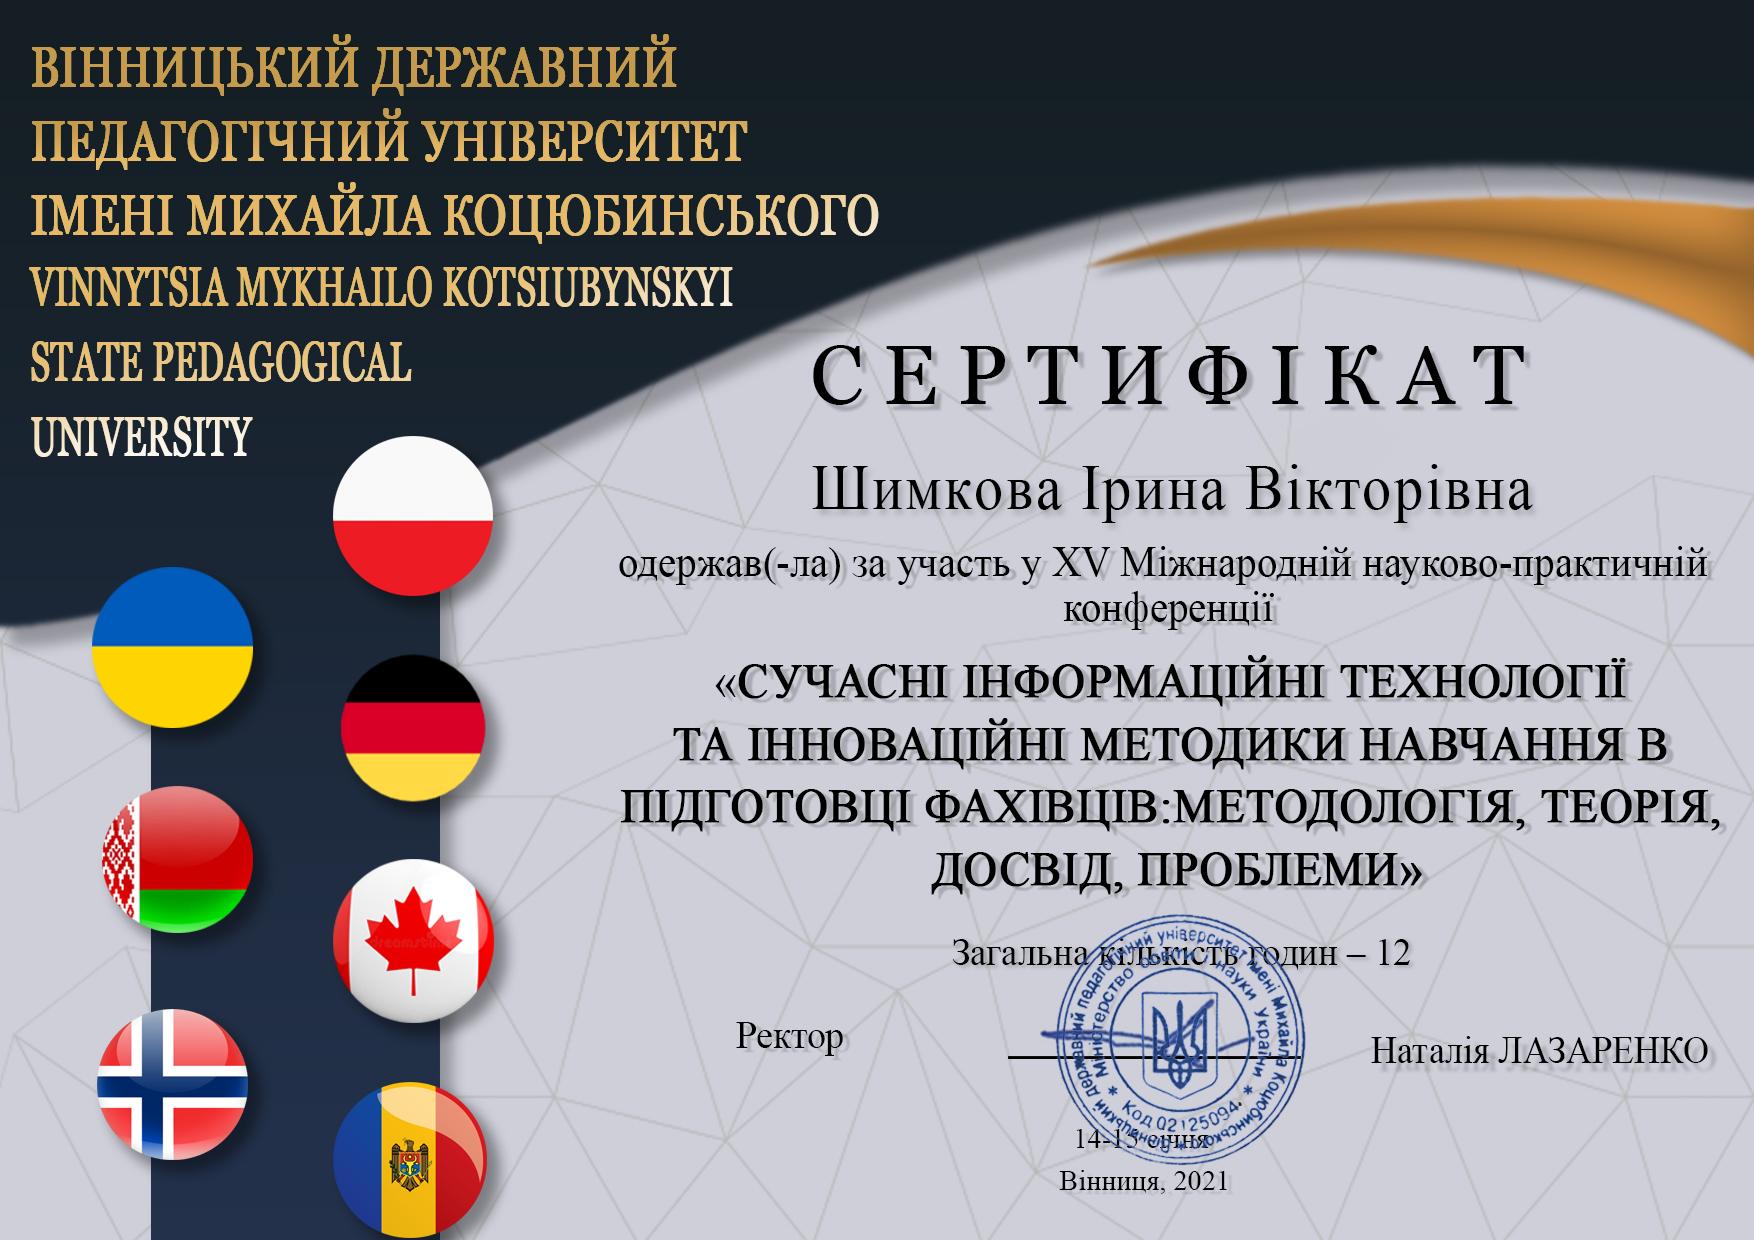 Шимкова Ірина Вікторівна